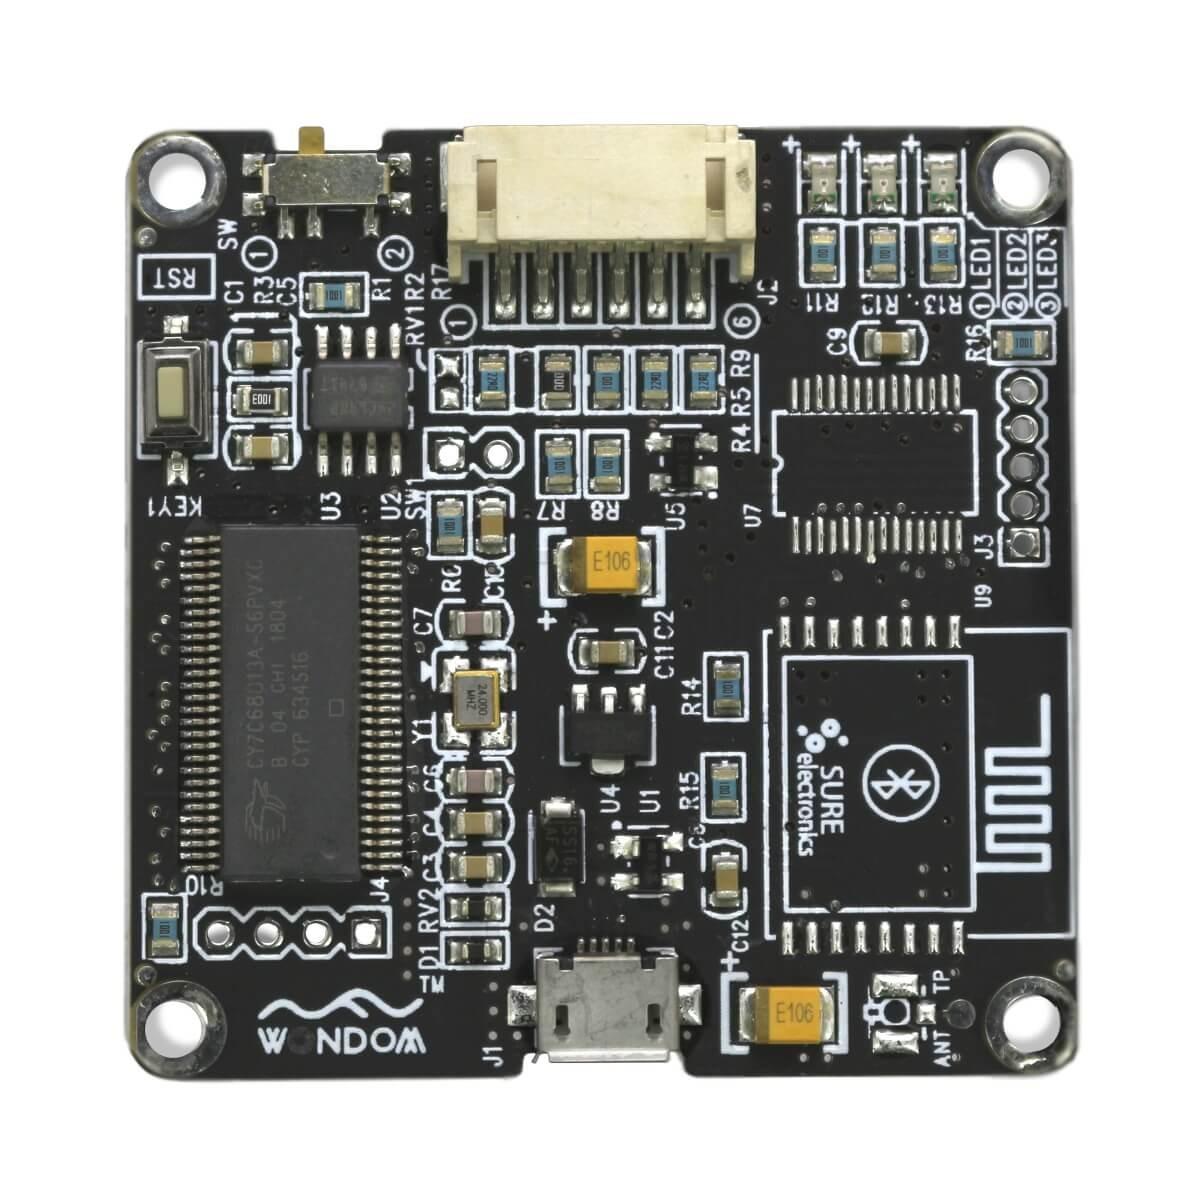 WONDOM DB-DP11219 Module de Programmation SigmaStudio pour DSP Sure